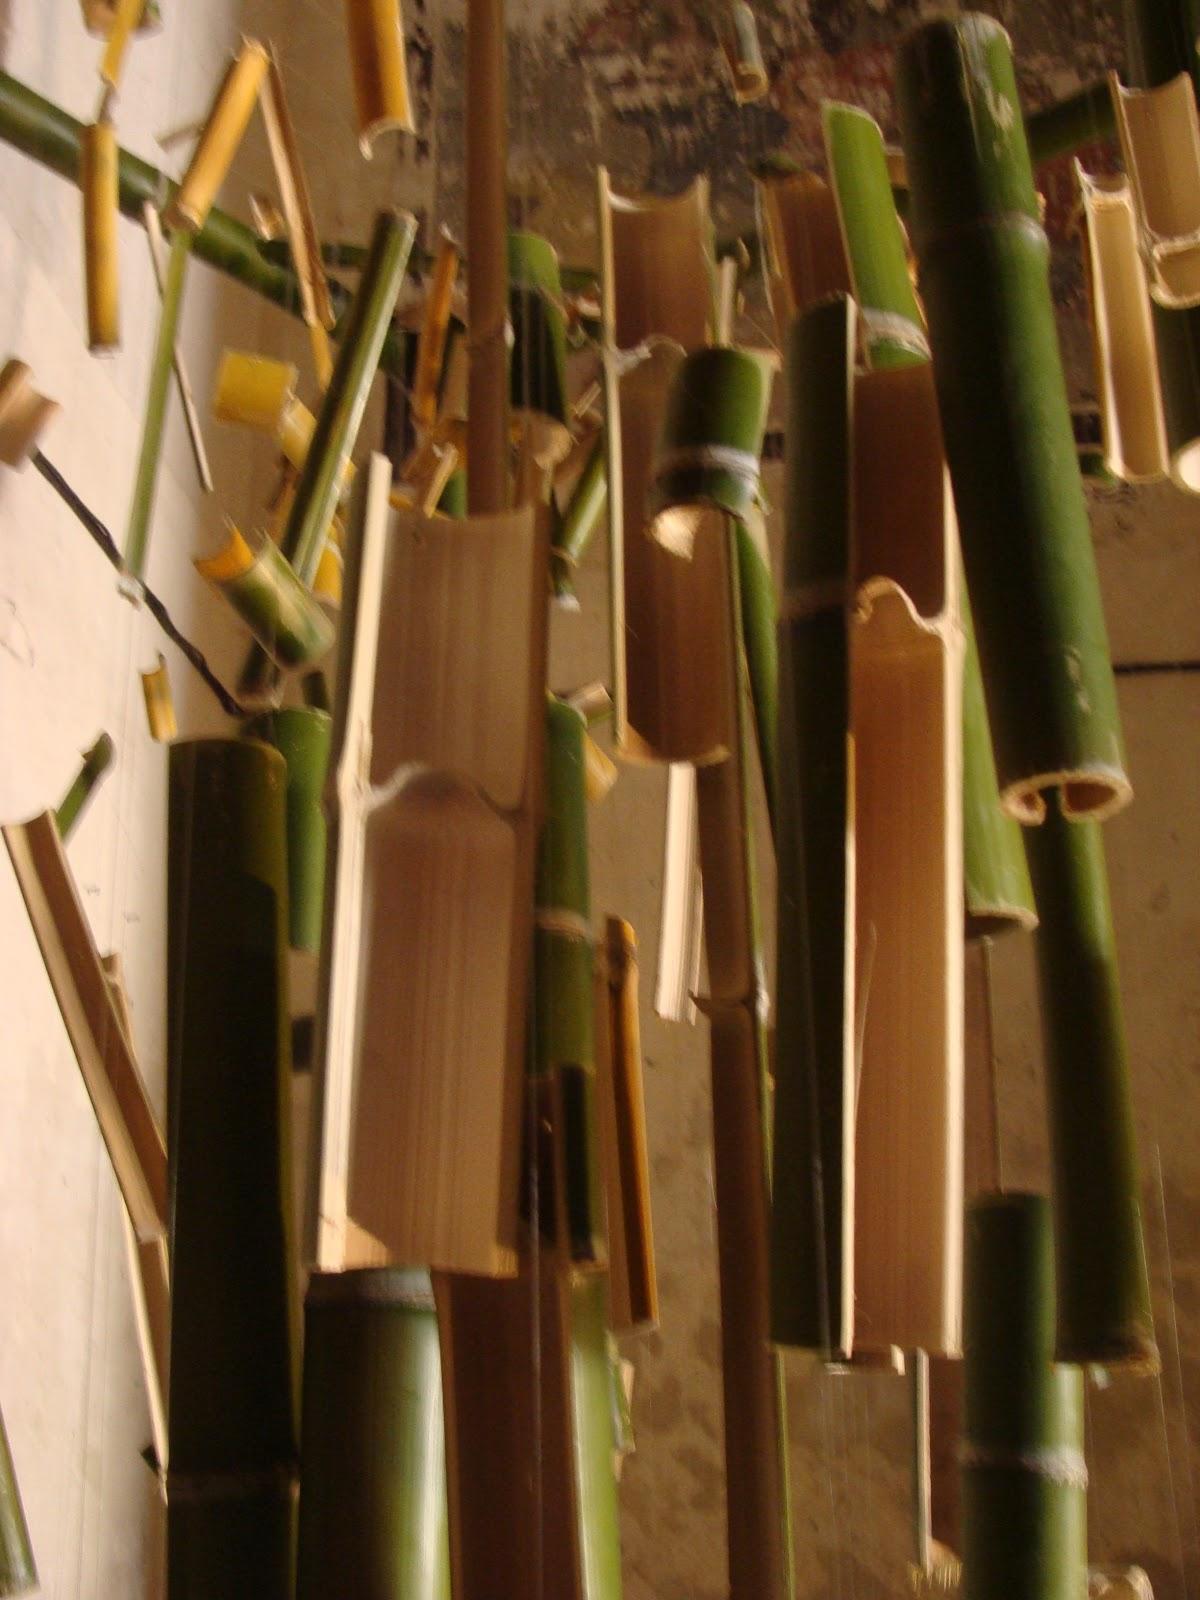 exposition bambou au prieur de pont saint esprit marine. Black Bedroom Furniture Sets. Home Design Ideas